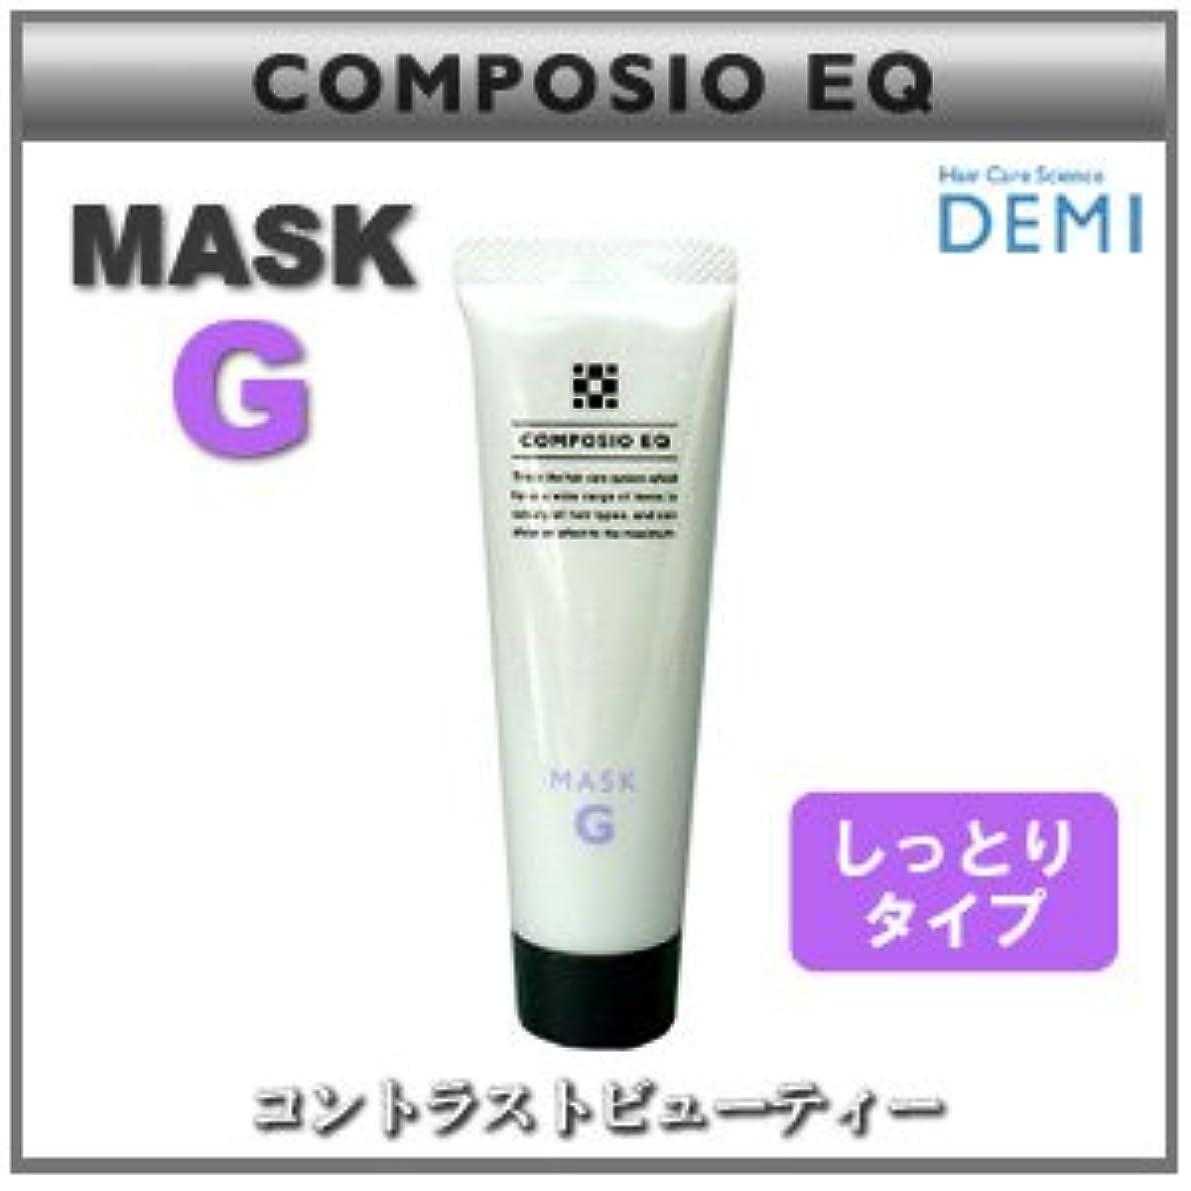 格納発行マイクロ【X2個セット】 デミ コンポジオ EQ マスク G 50g